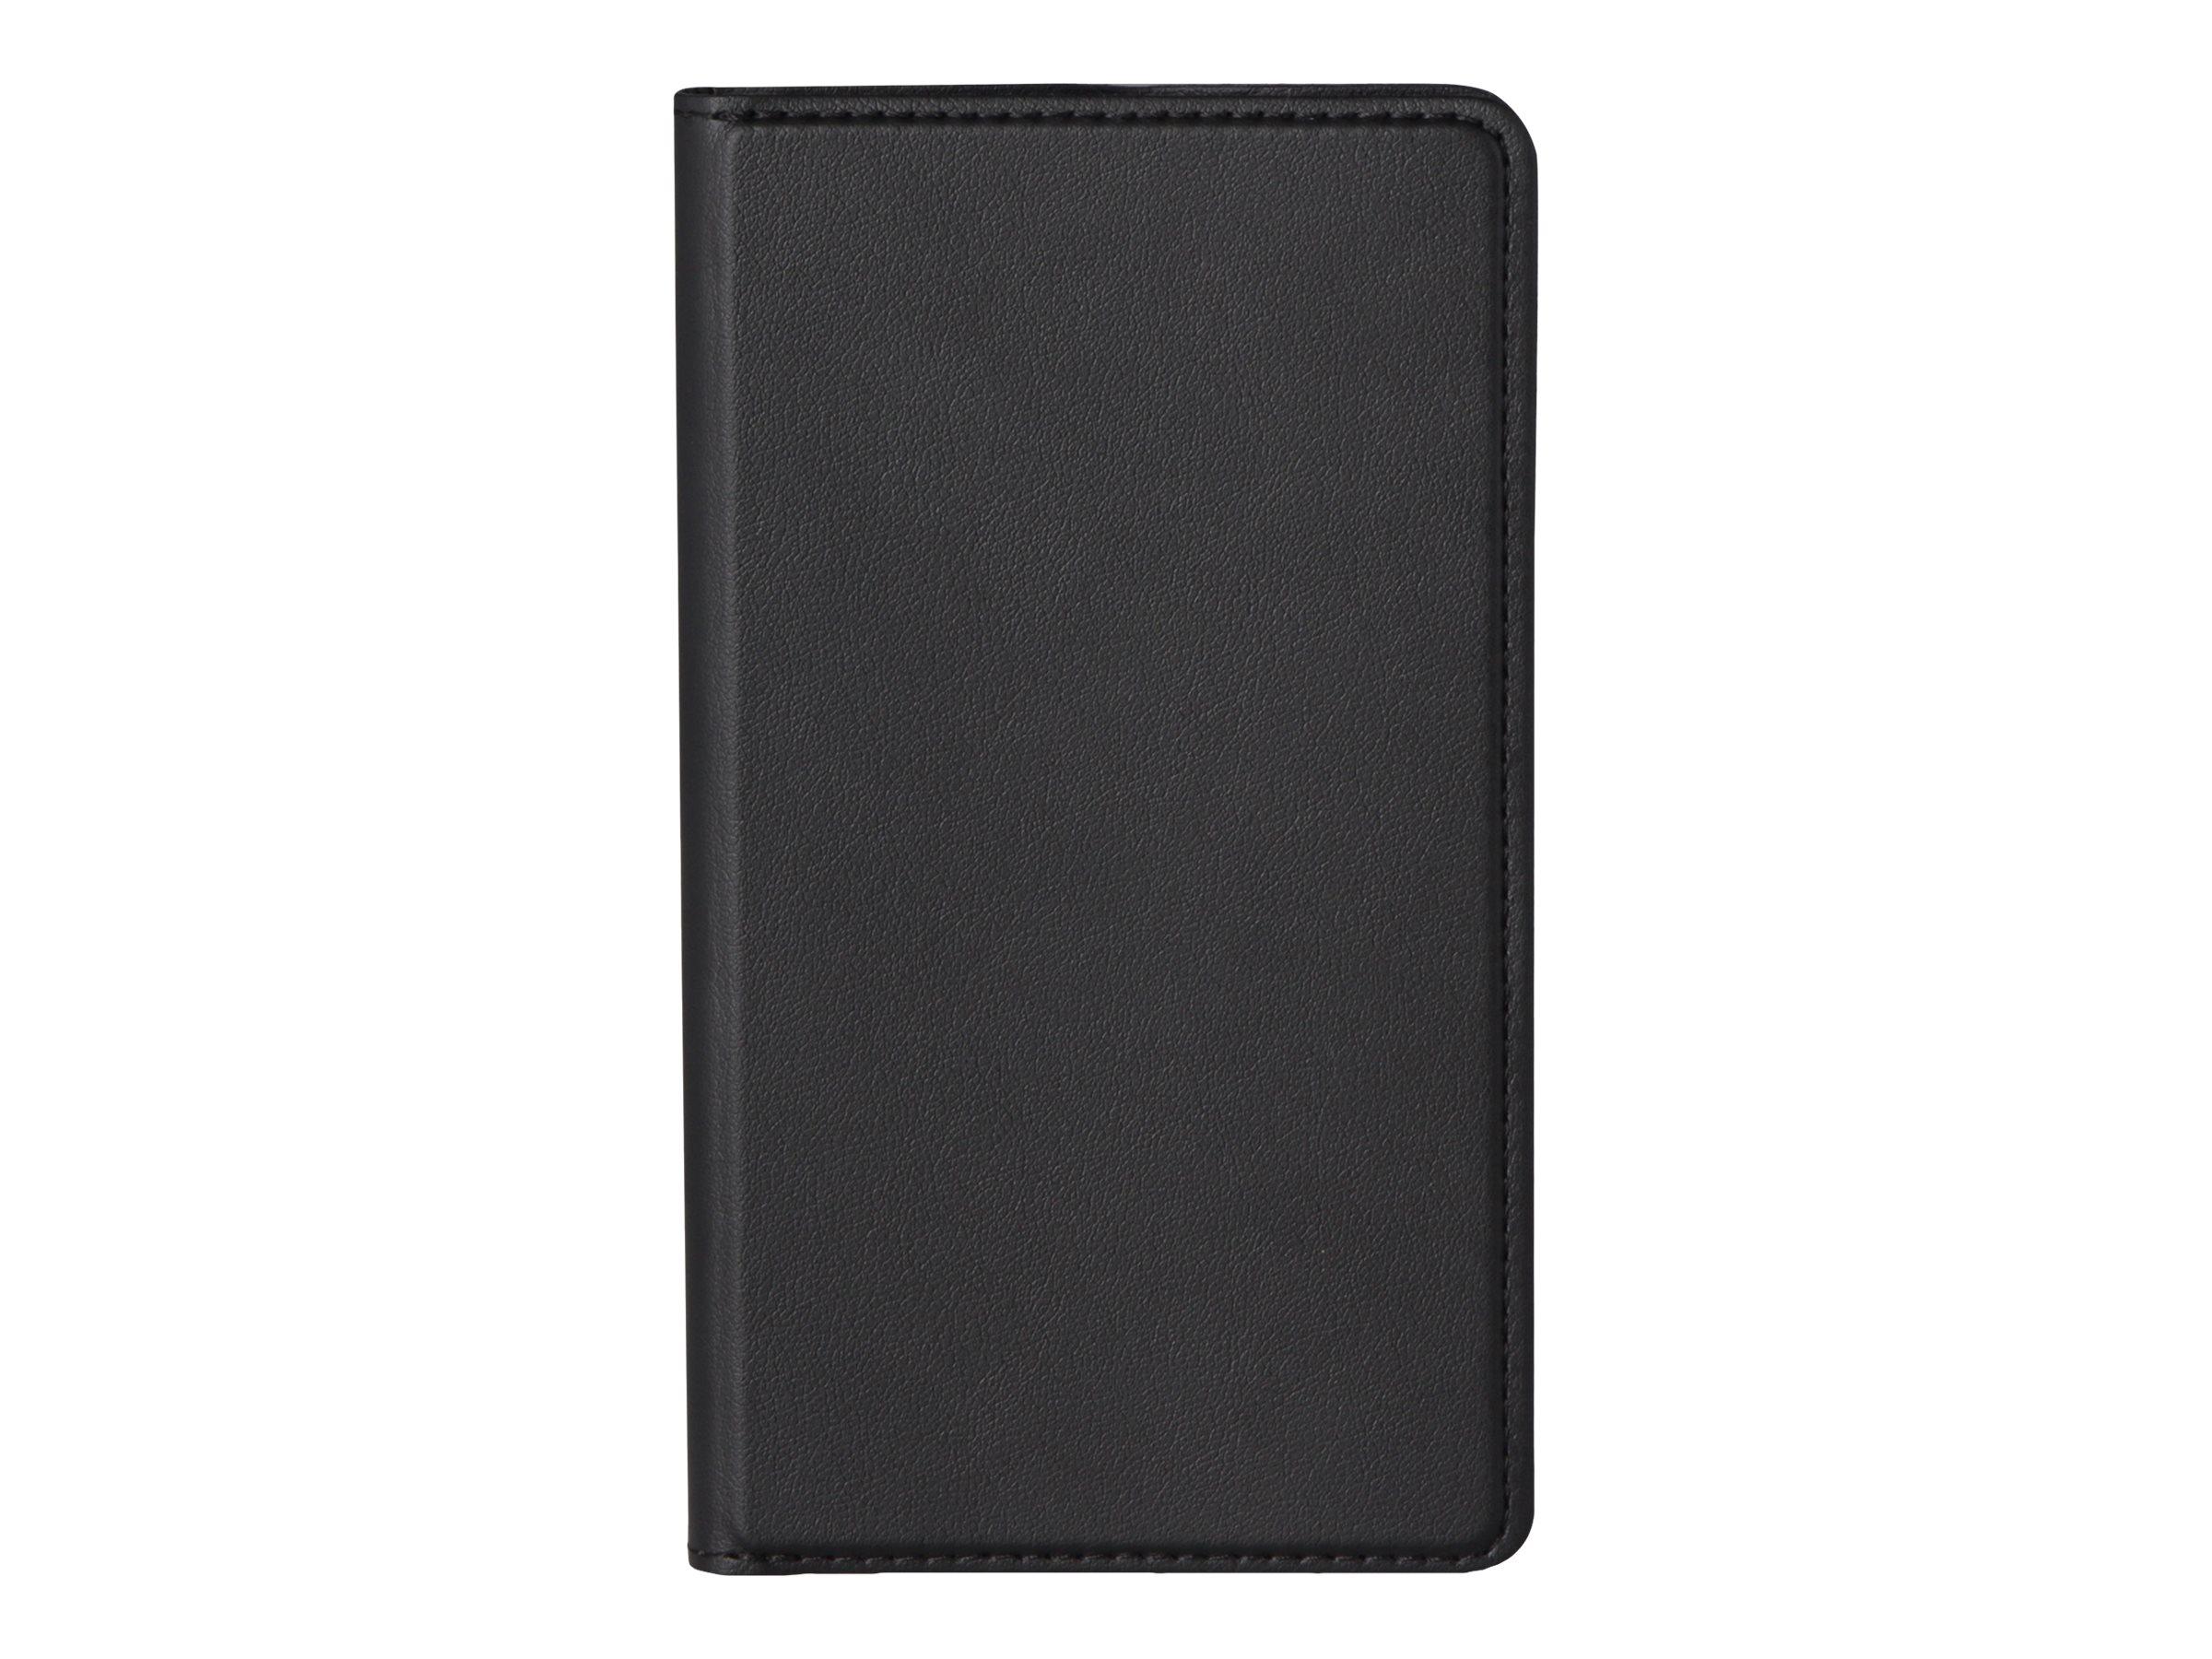 Muvit Folio Stand - Protection à rabat pour Microsoft Lumia 550 - noir